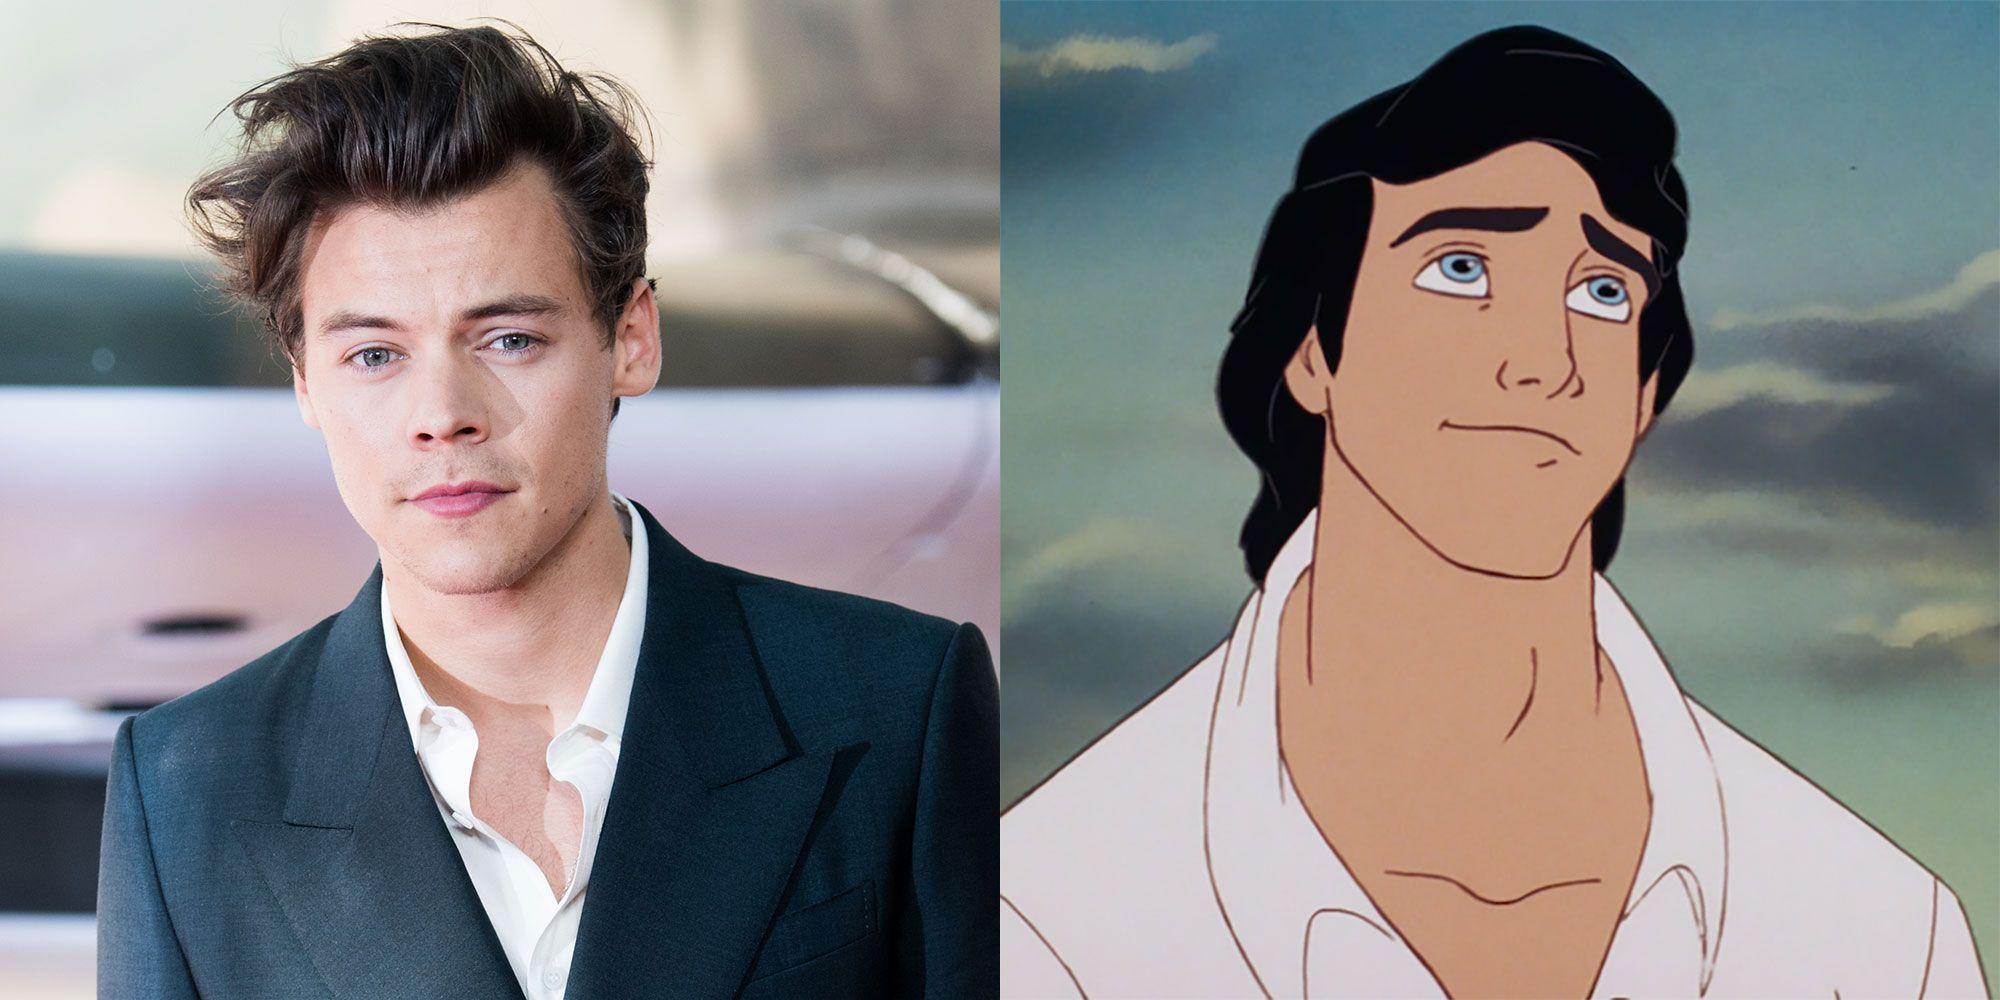 Harry Styles, The Little Mermaid'deki Prince Eric'i Canlandıracak!